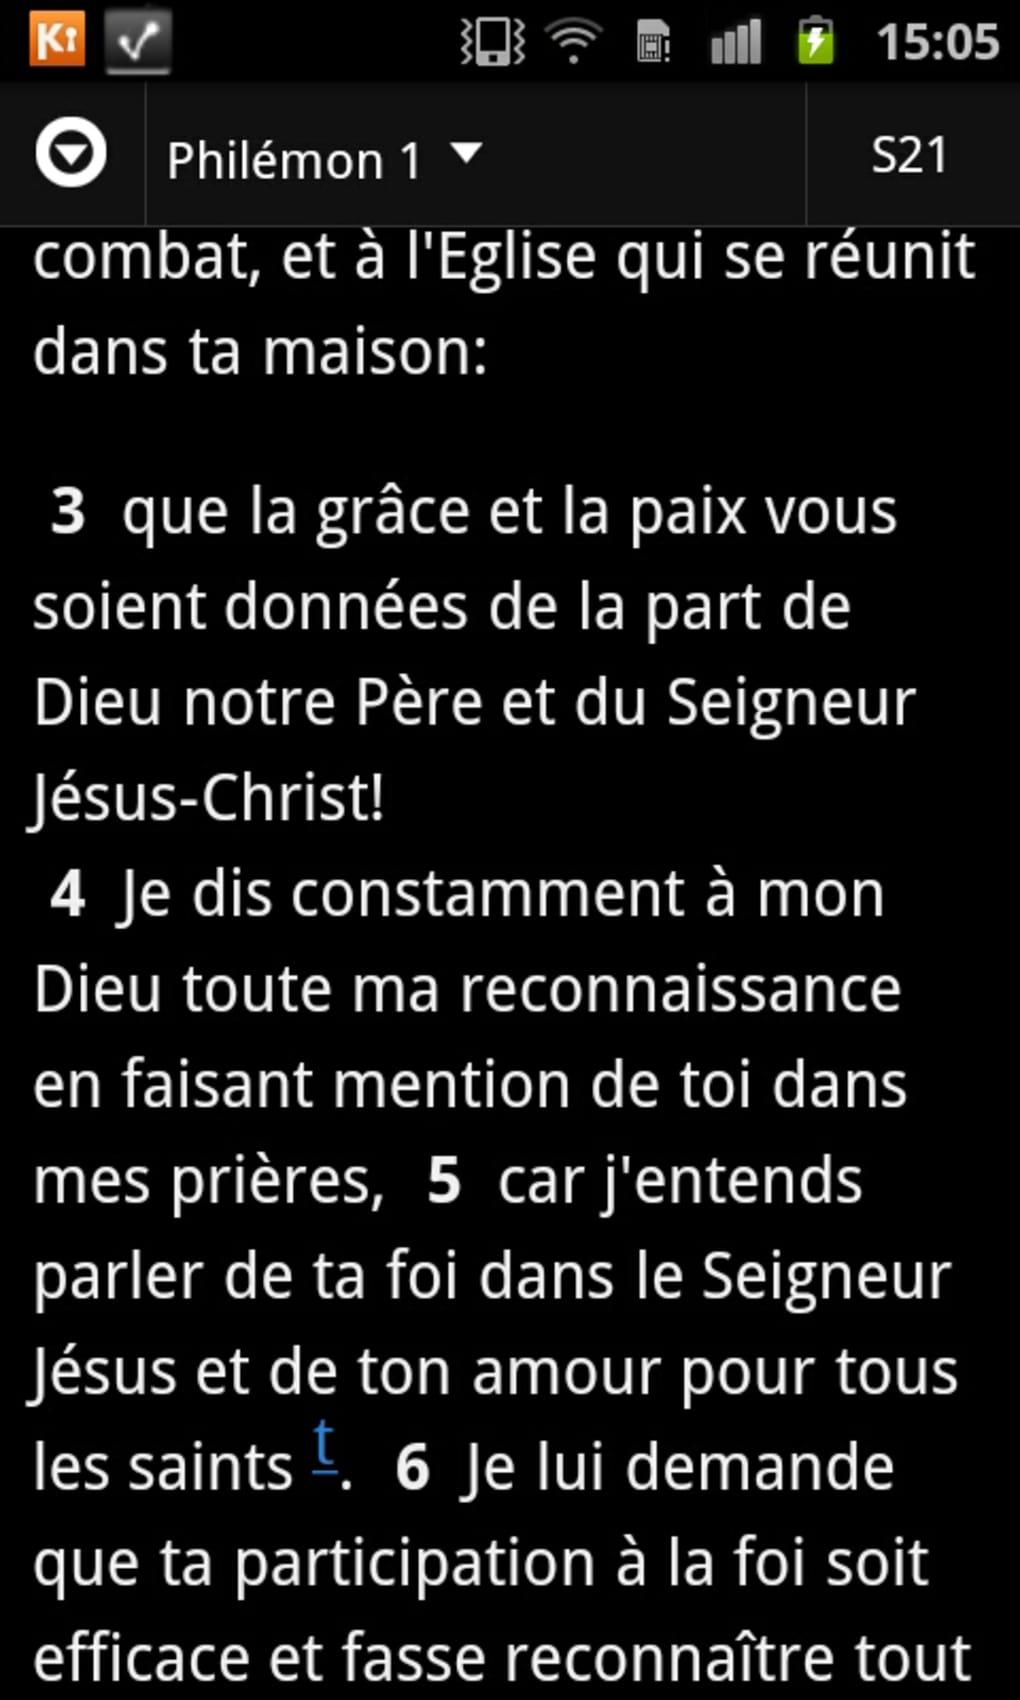 LOUIS GRATUIT WINDOWS OFFLINE SEGOND 7 BIBLE TÉLÉCHARGER POUR